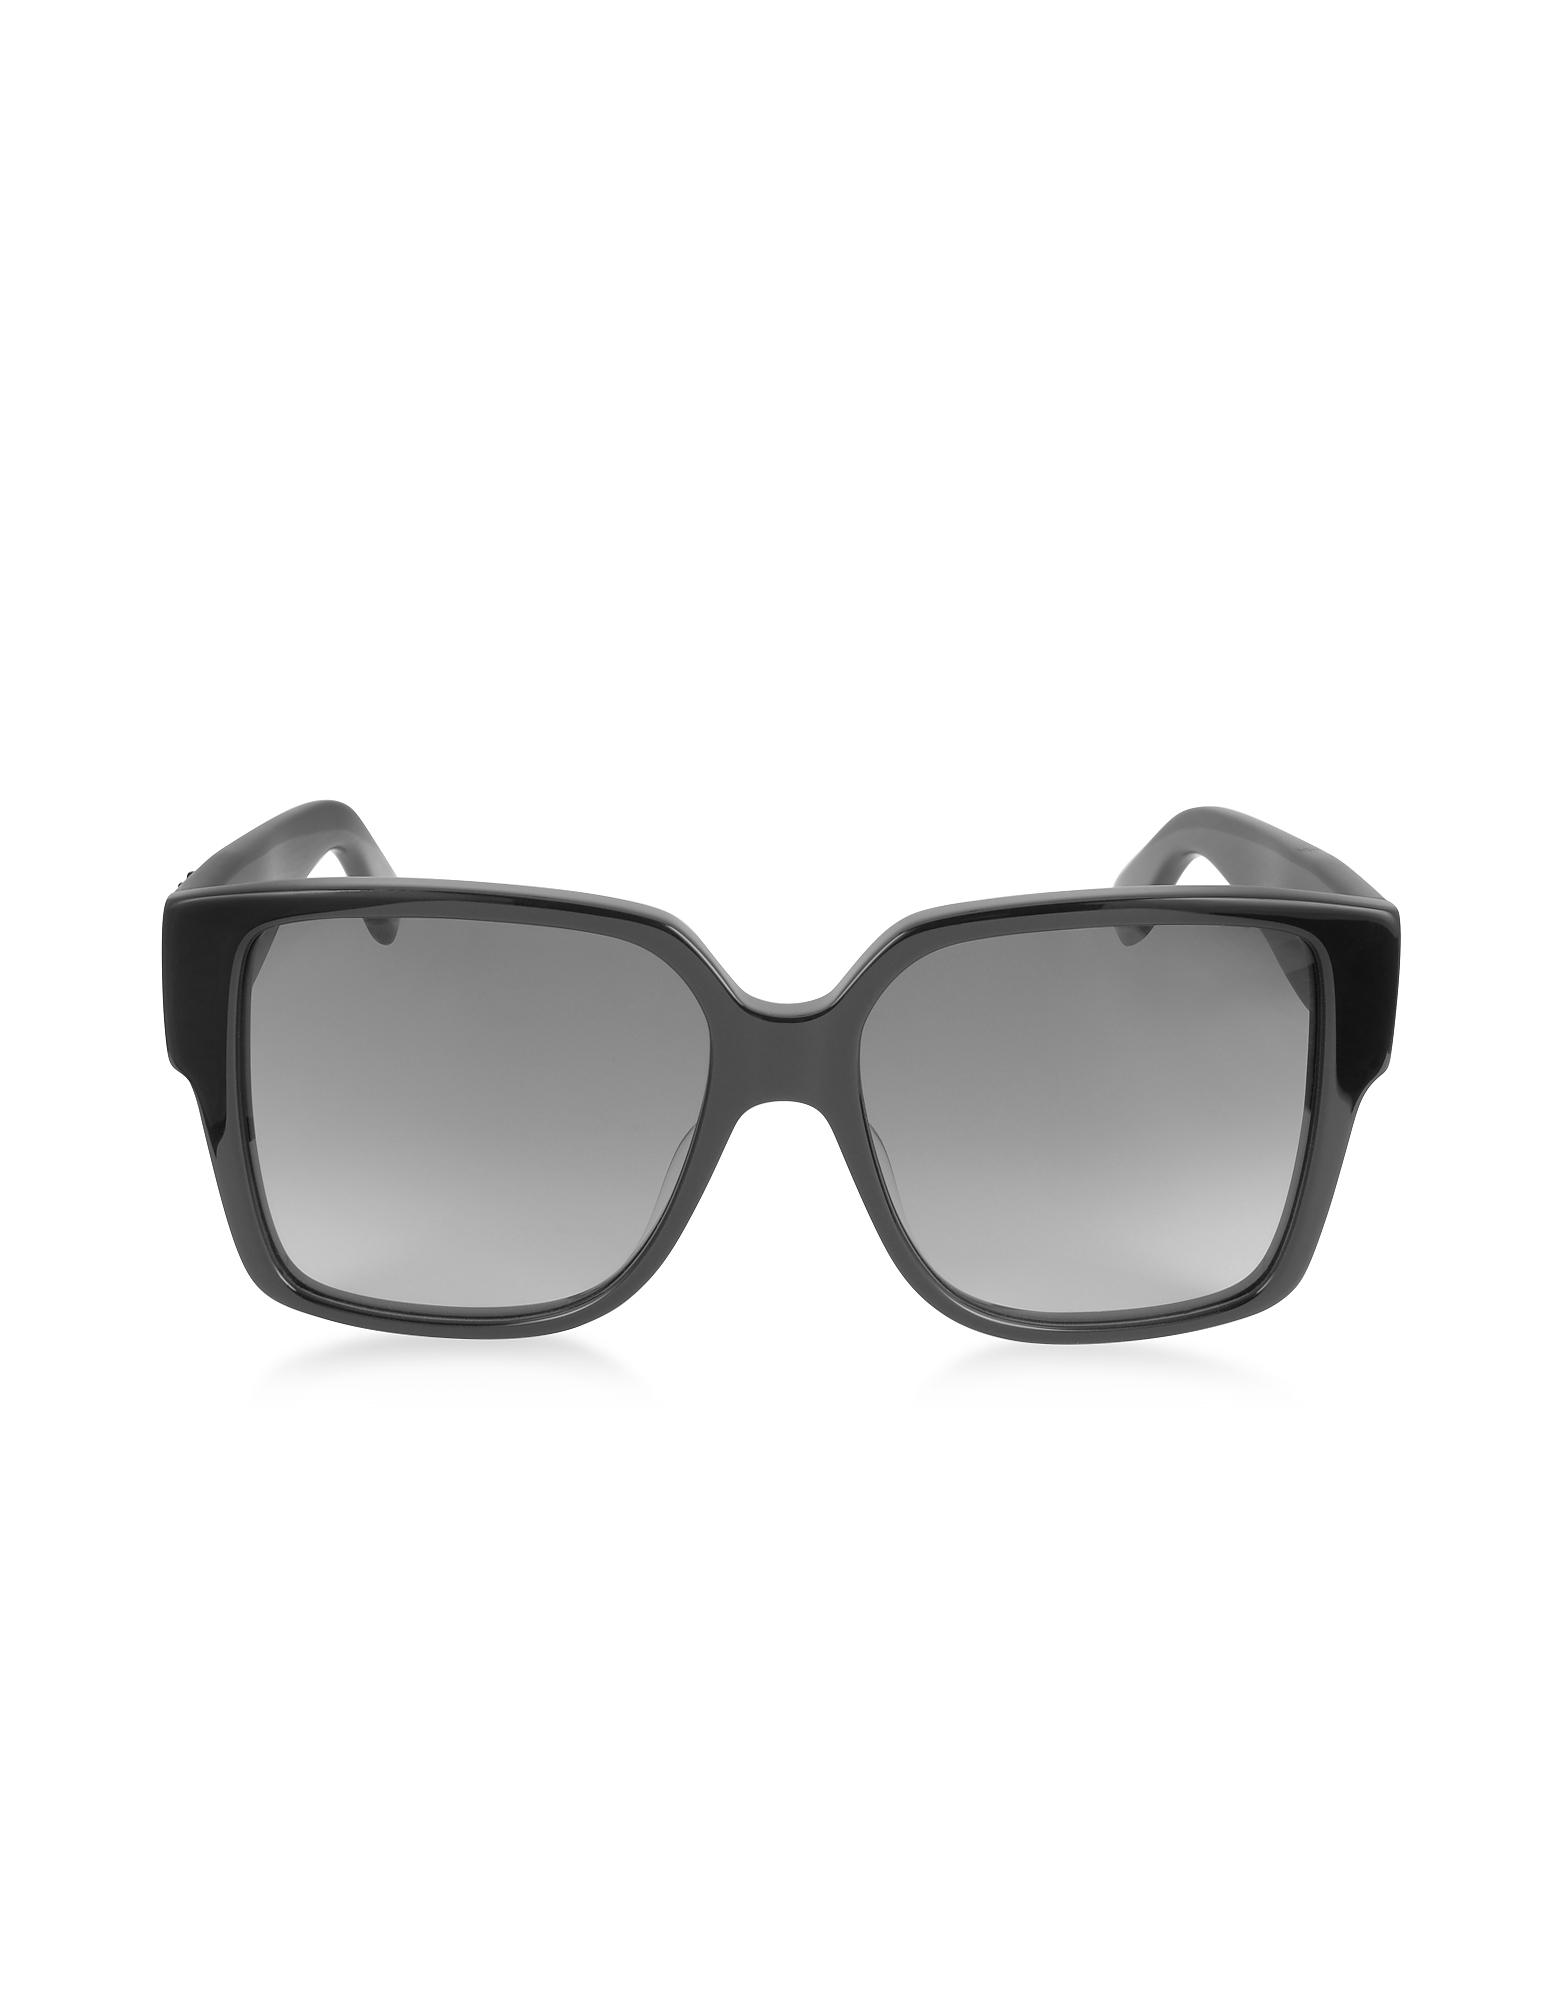 Фото SL M9 002 - Большие Черные Солнечные Очки Унисекс в Квадратной Оправе из Ацетата. Купить с доставкой